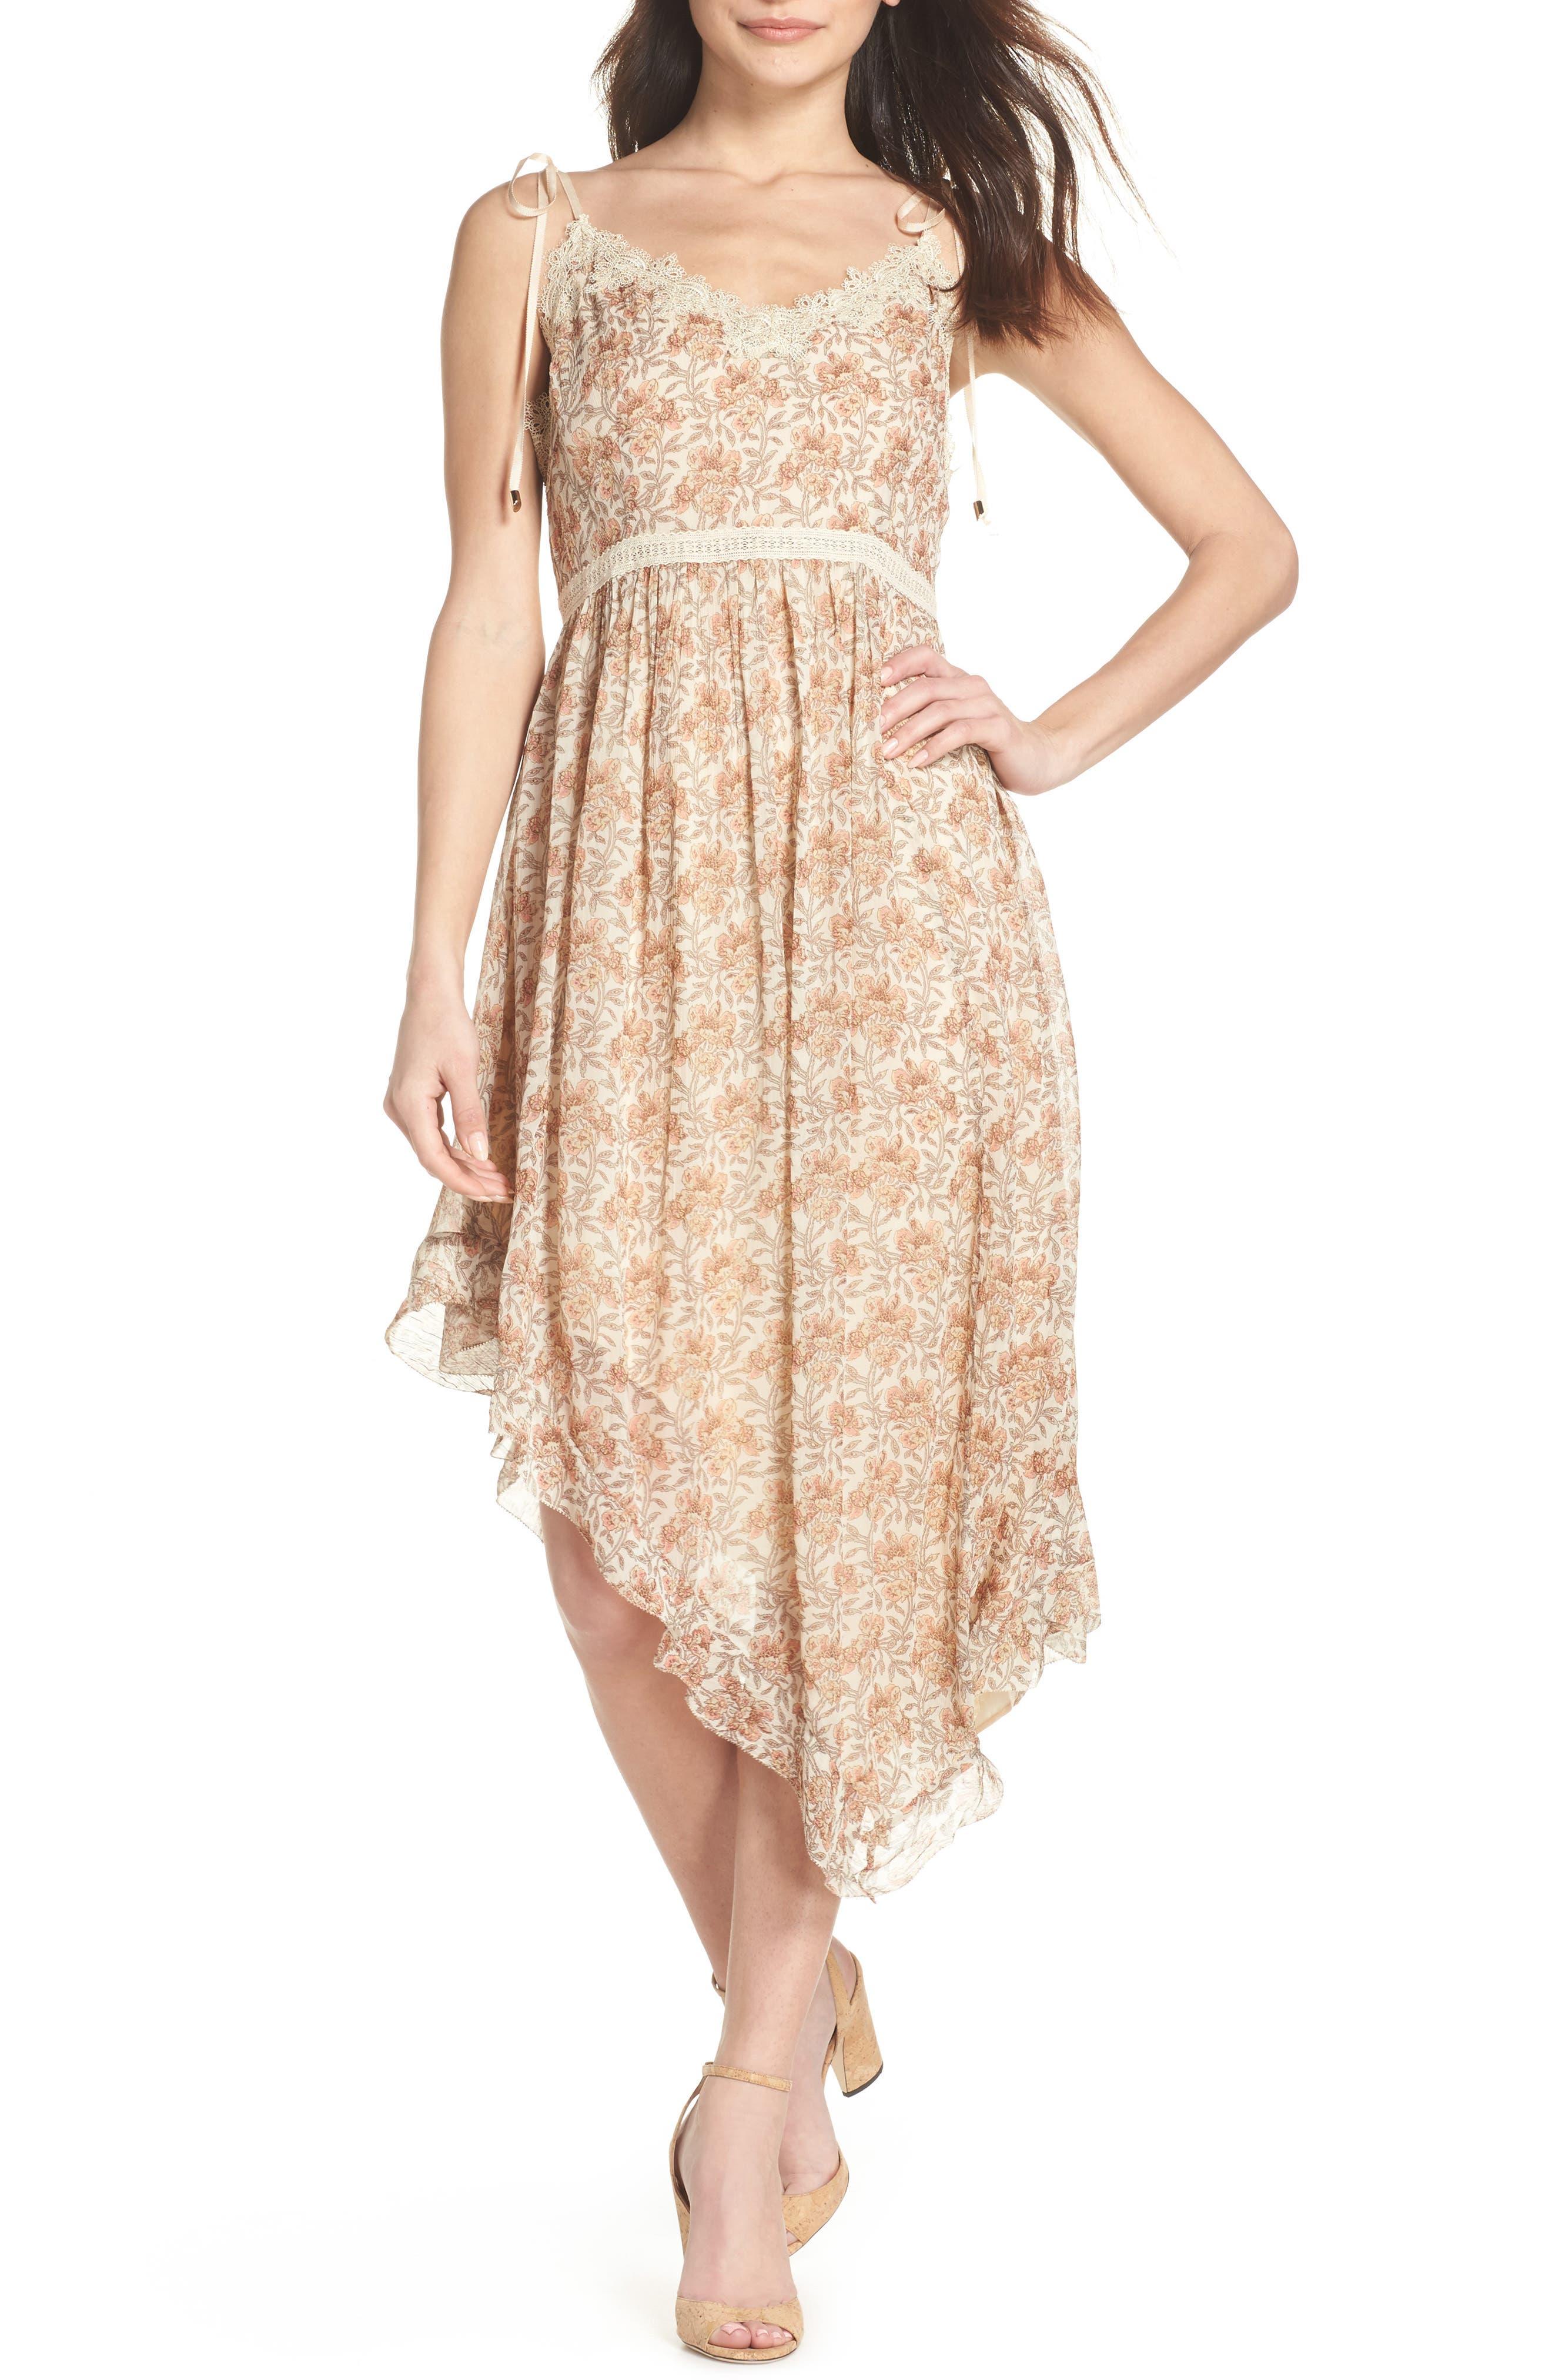 Aubrey Floral Print Dress,                             Main thumbnail 1, color,                             Desert Sunrise Floral